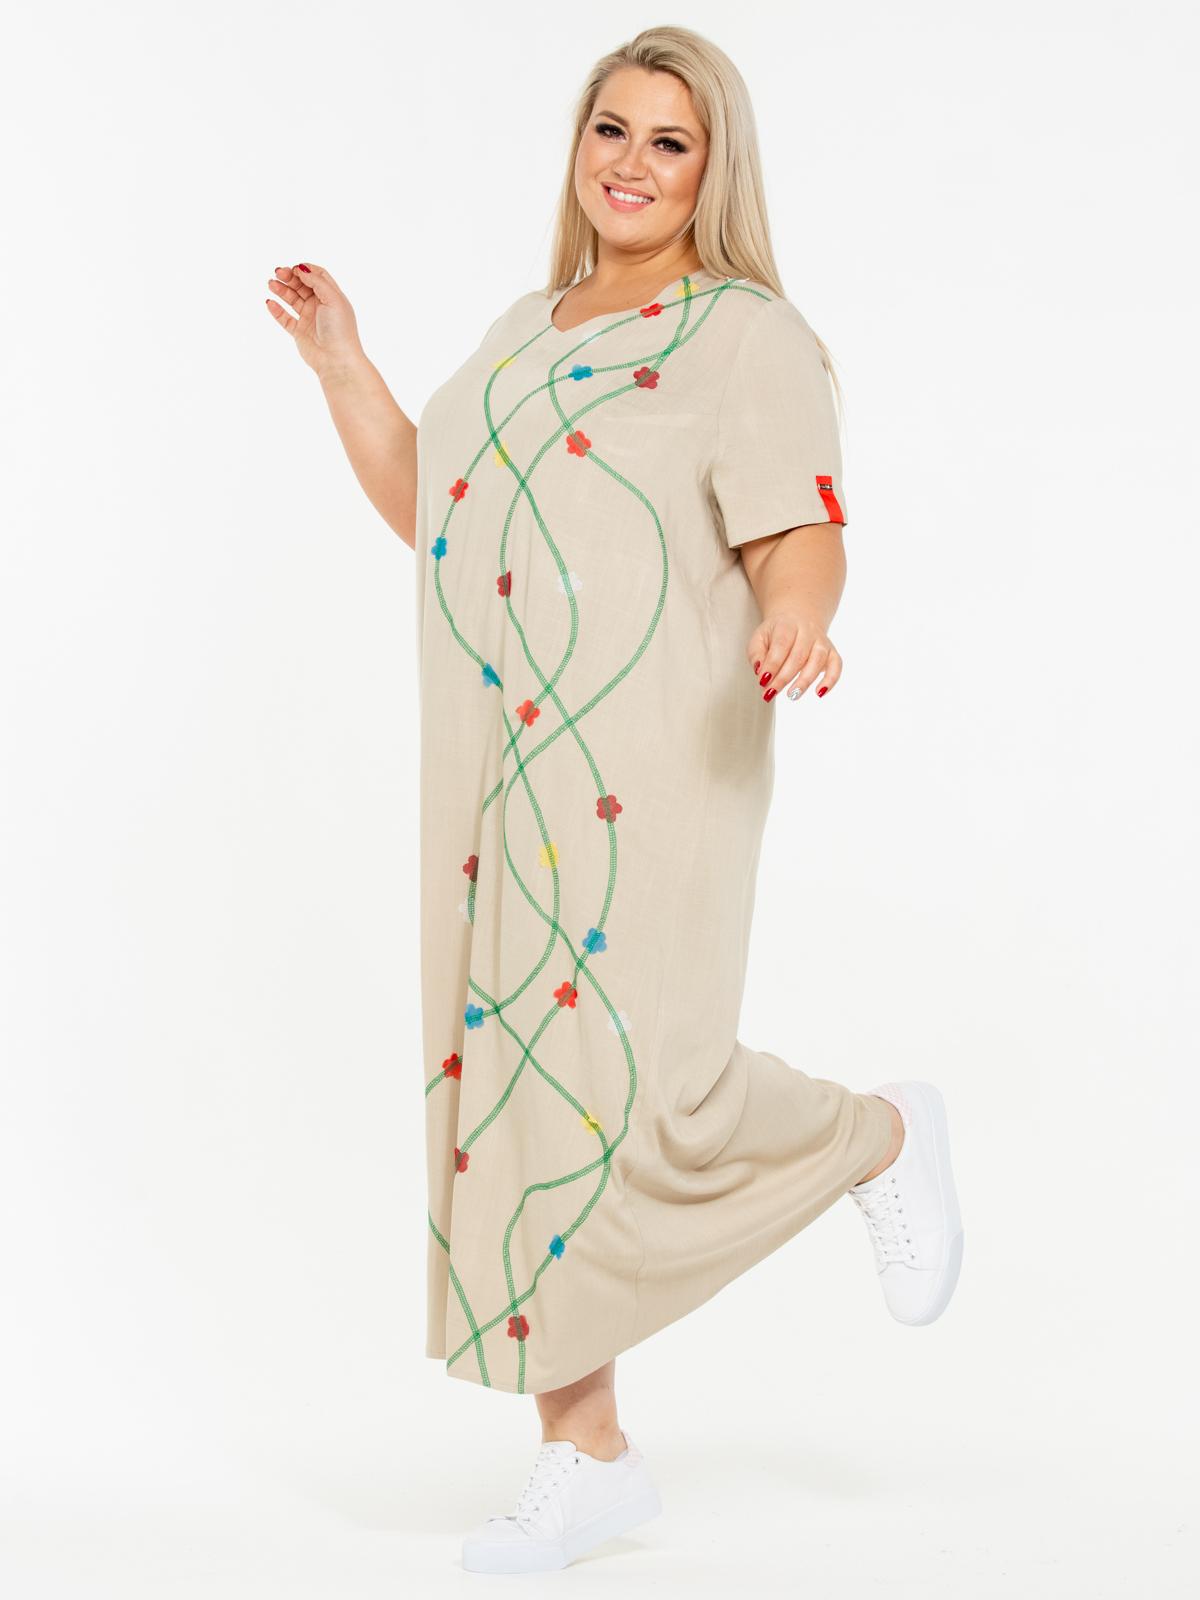 Платья Льняное платье 130203345 130203345_3-1200x1600.jpg